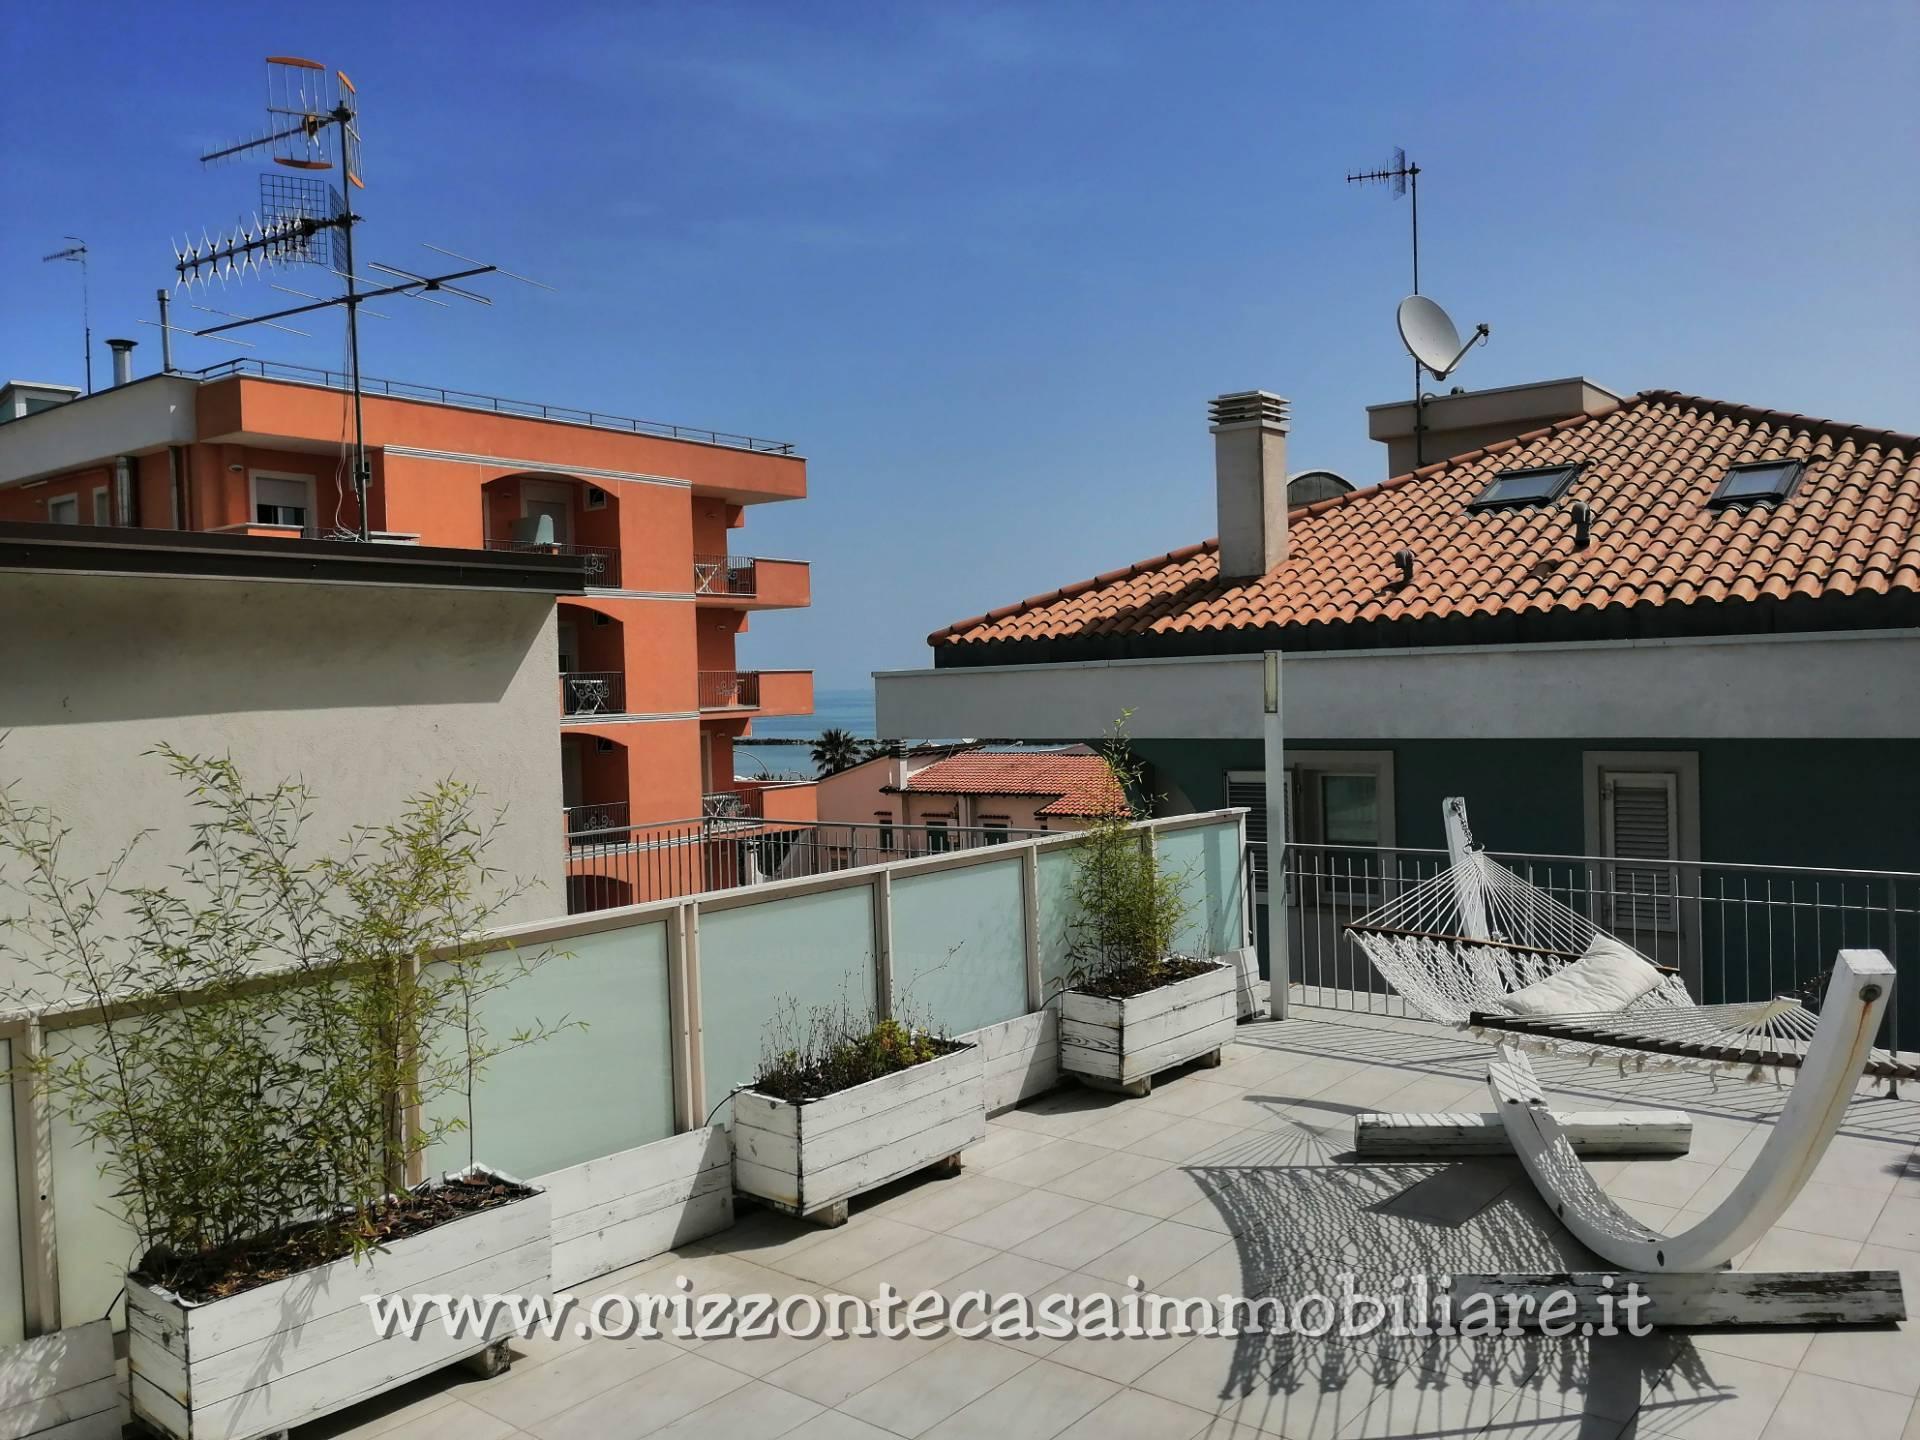 Attico / Mansarda in vendita a San Benedetto del Tronto, 4 locali, zona Località: PortodAscoli, prezzo € 299.000 | PortaleAgenzieImmobiliari.it